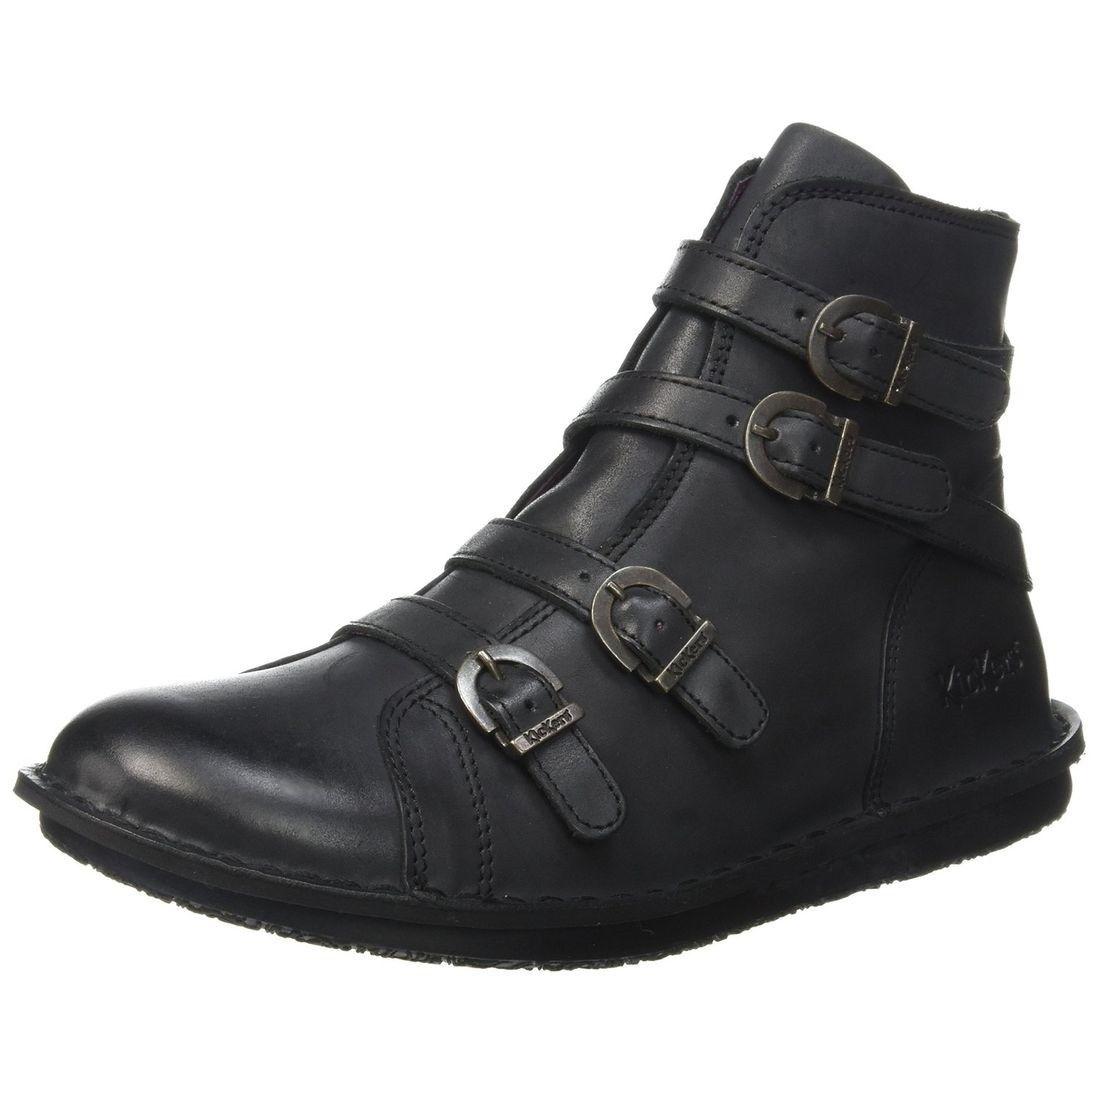 adidas NMD_xr1 Winter Nike Presto Fly Se meetkiknew femme kickers 444314 adidas NMD_xr1 Winter 7izV85fC1l